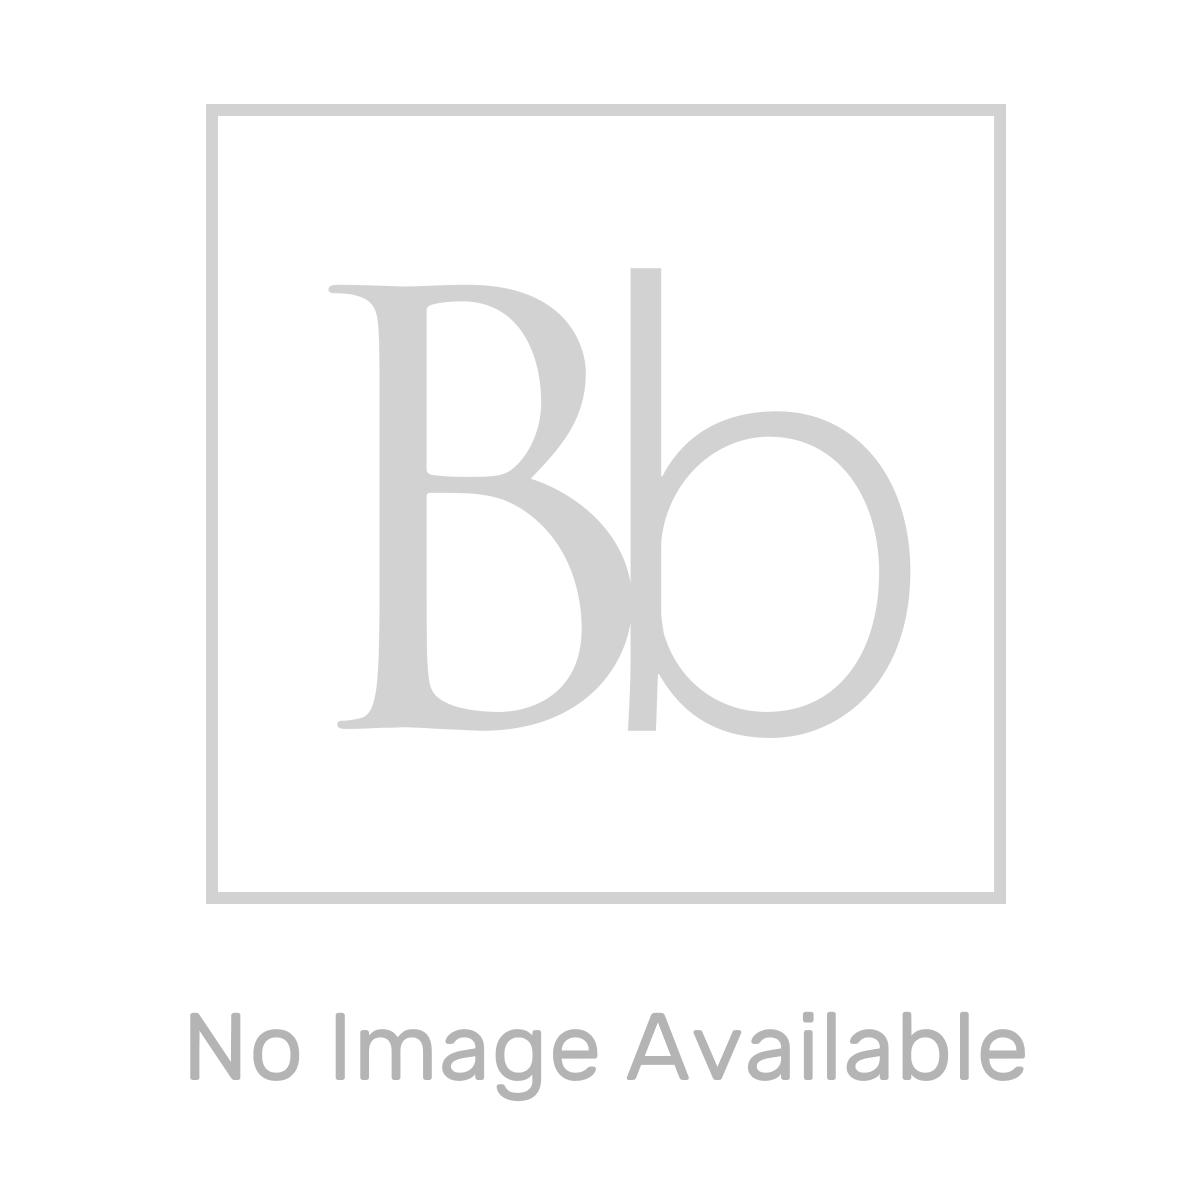 Frontline Slimline Rectangular Shower Tray 1400 x 900mm